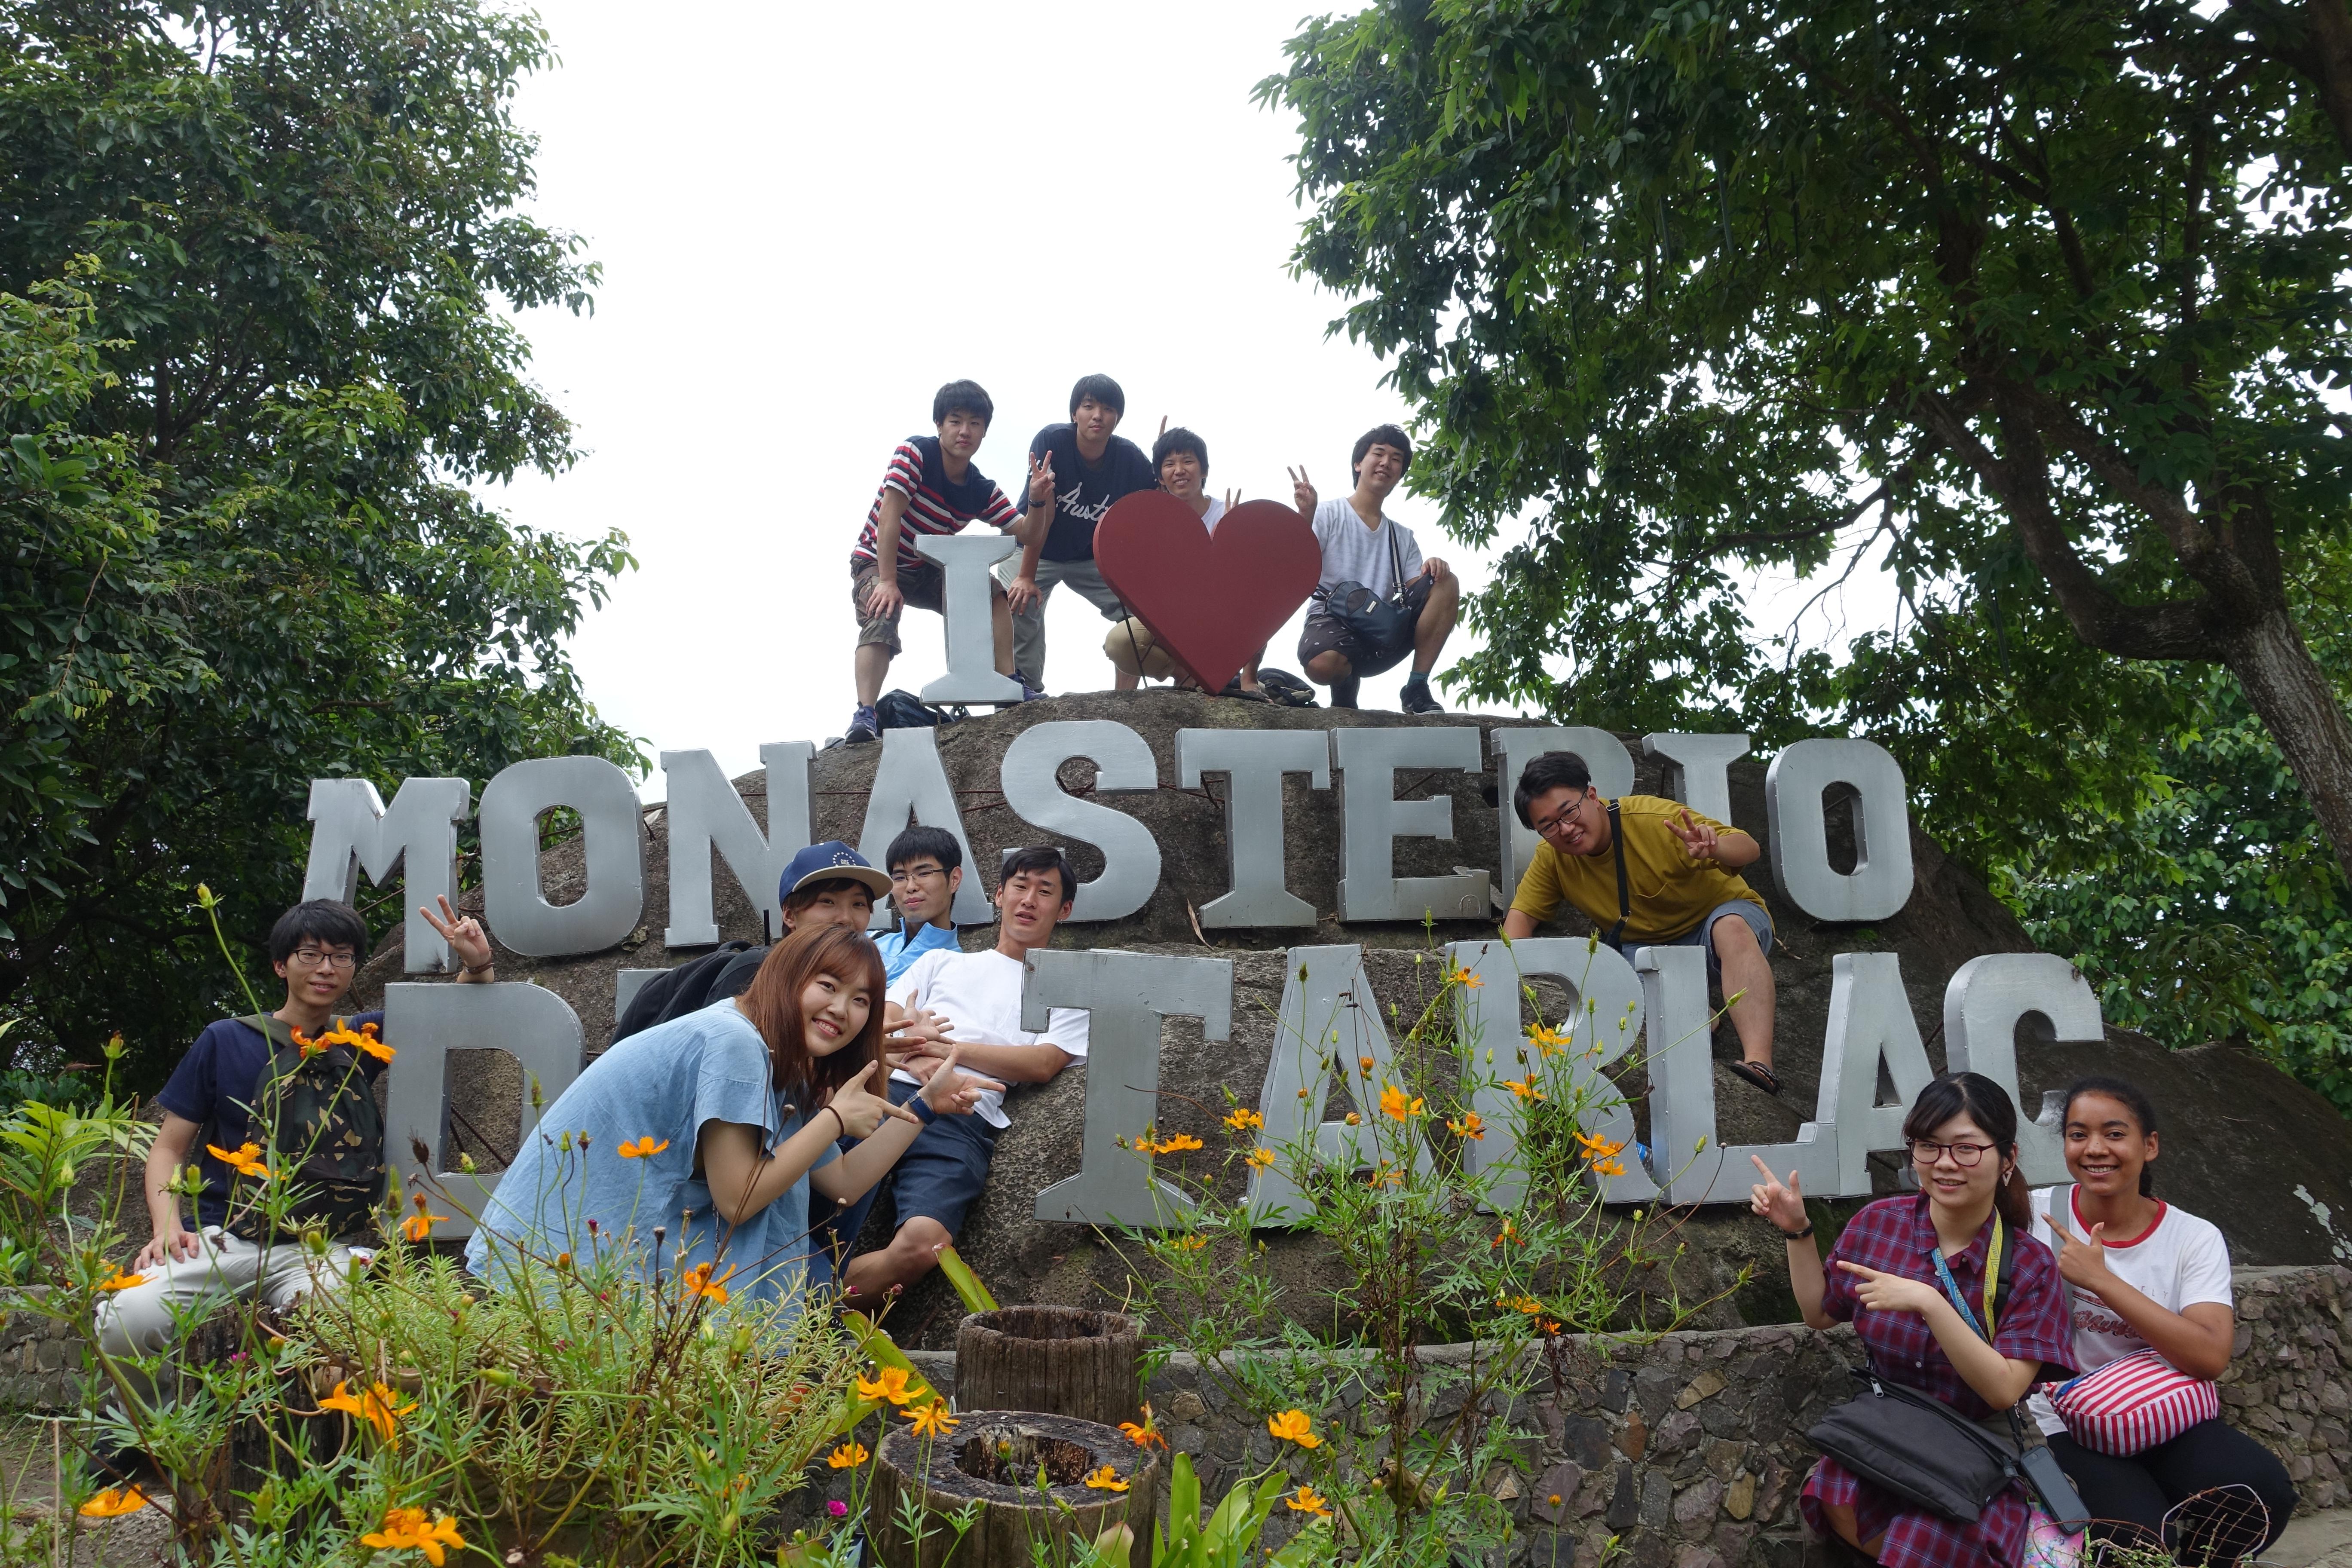 モナステリオ 市内観光